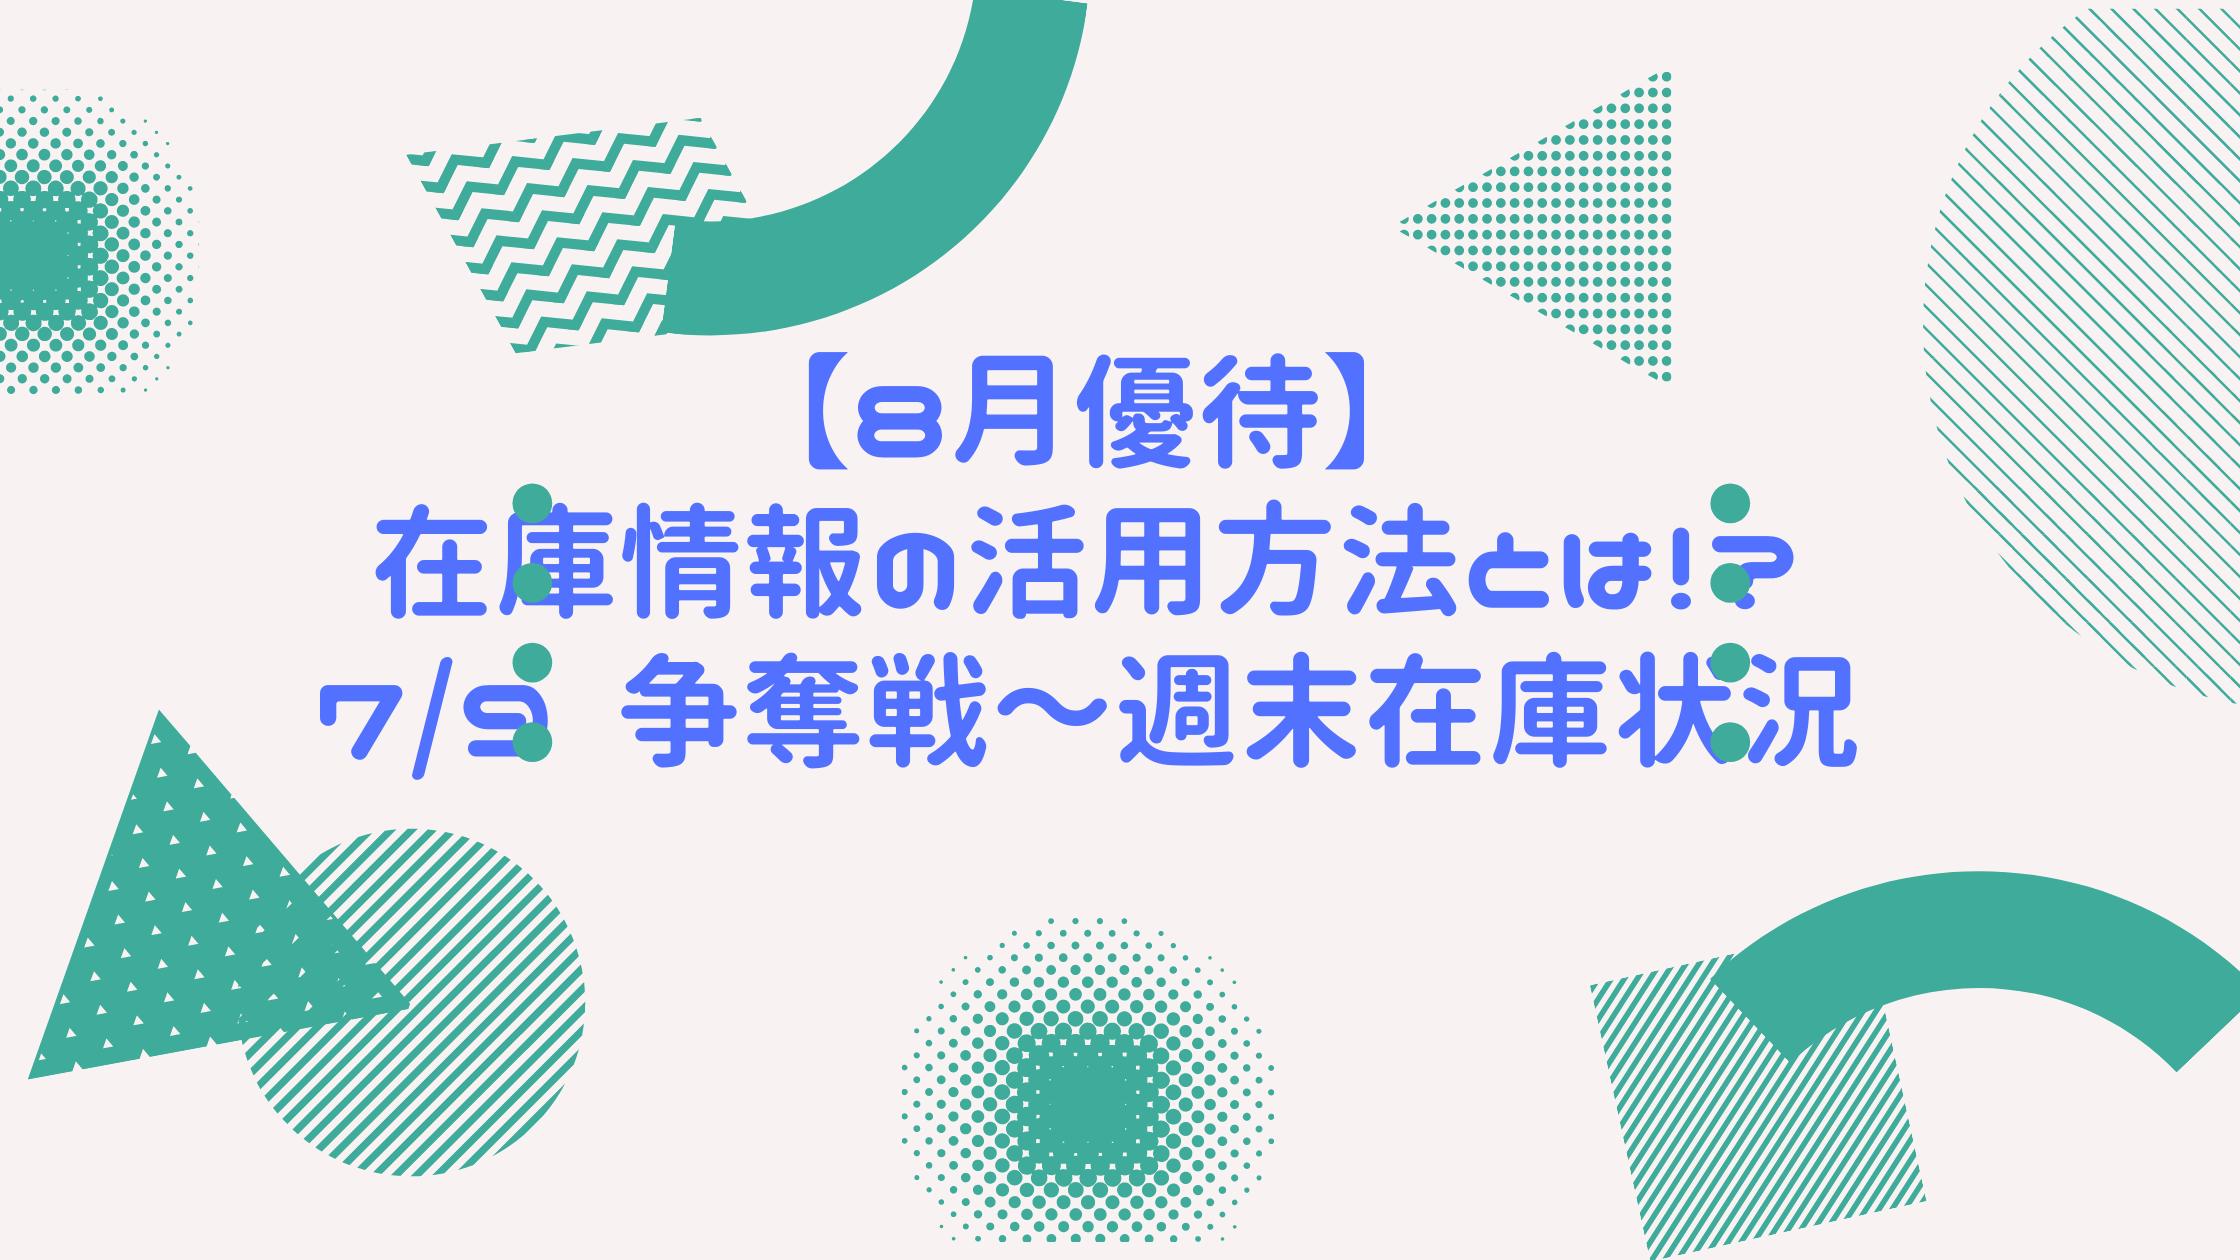 【8月優待】 在庫情報の活用方法とは!? 79 争奪戦~週末在庫状況